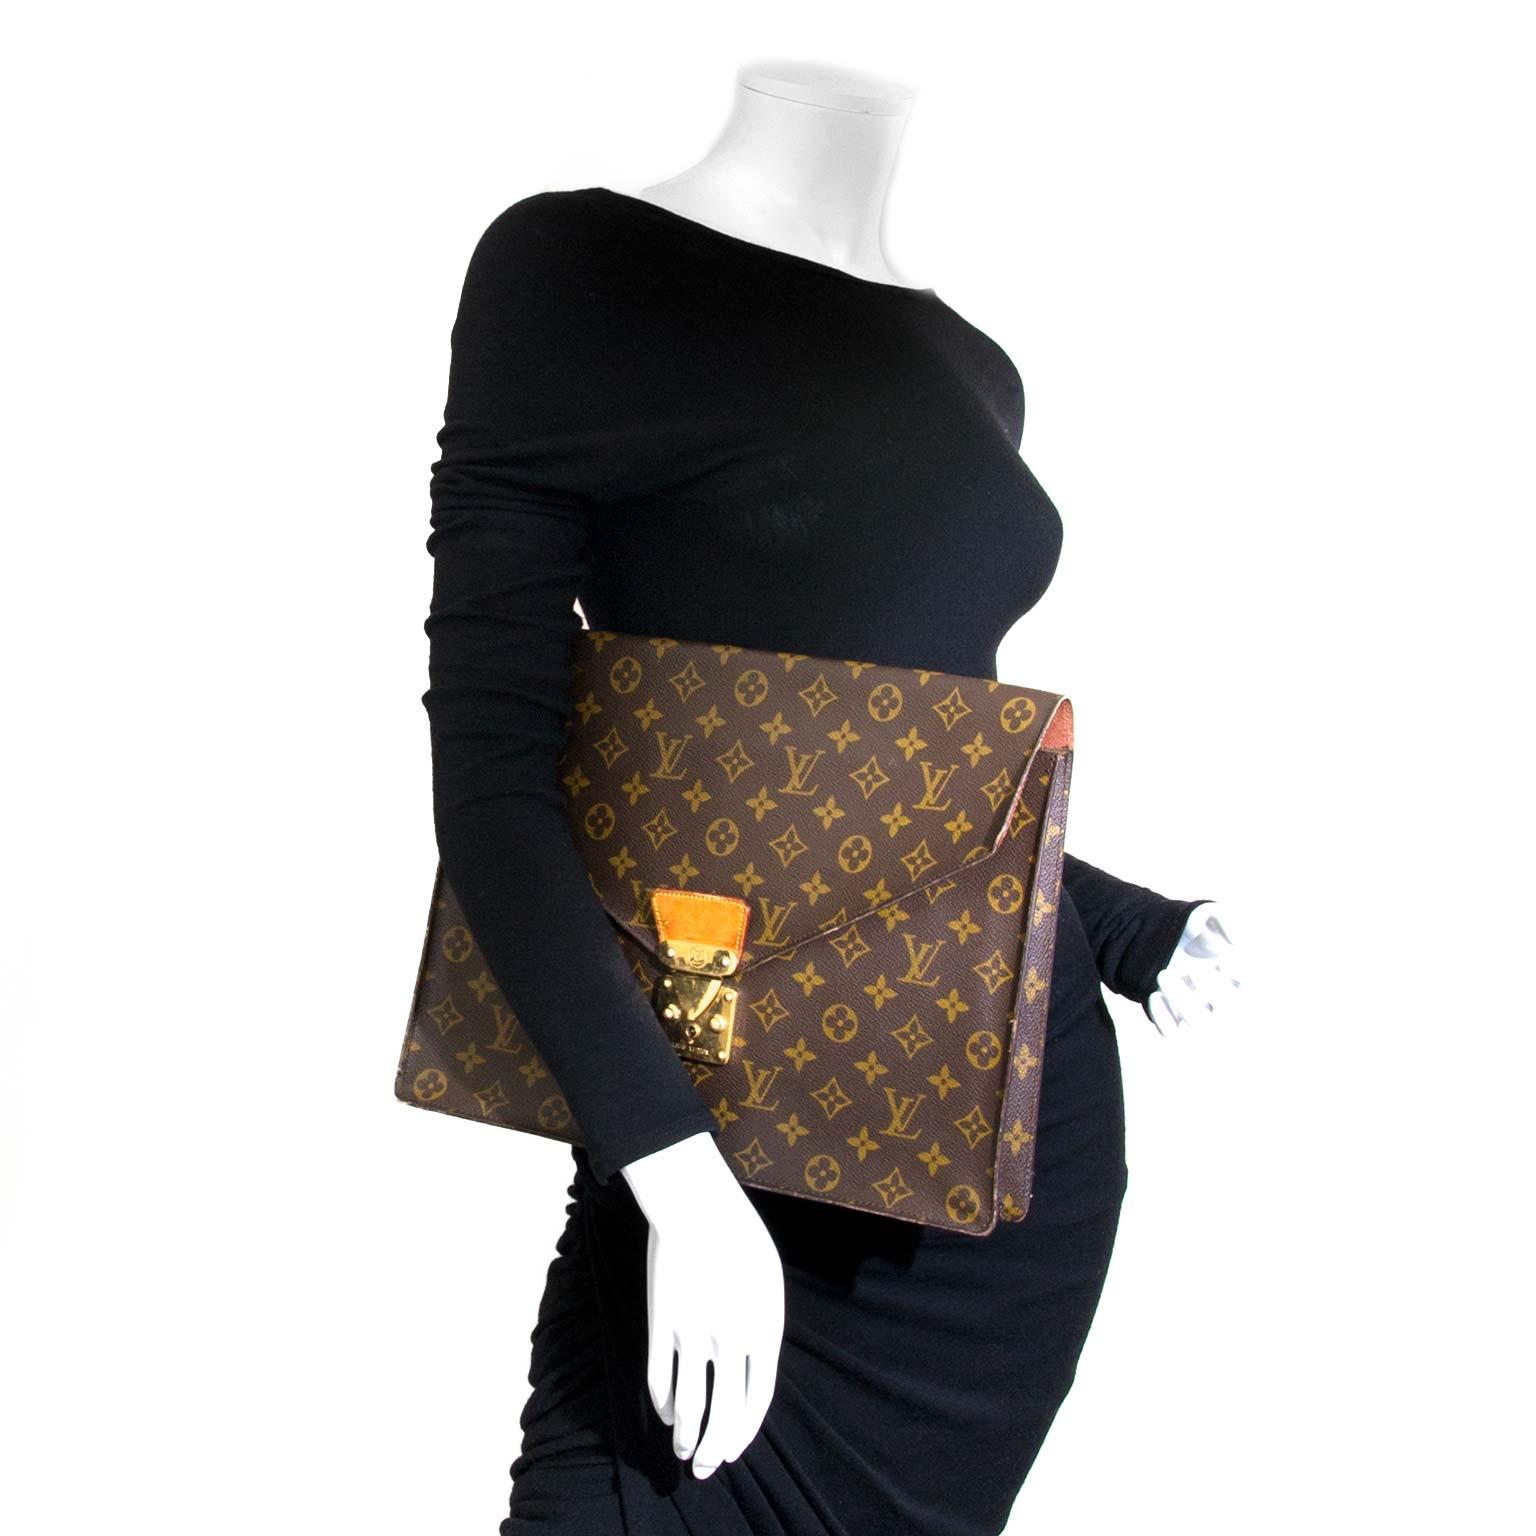 b4d95b3a39004 ... Louis Vuitton Monogram Document Holder now for sale at labellov vintage  fashion webshop belgium